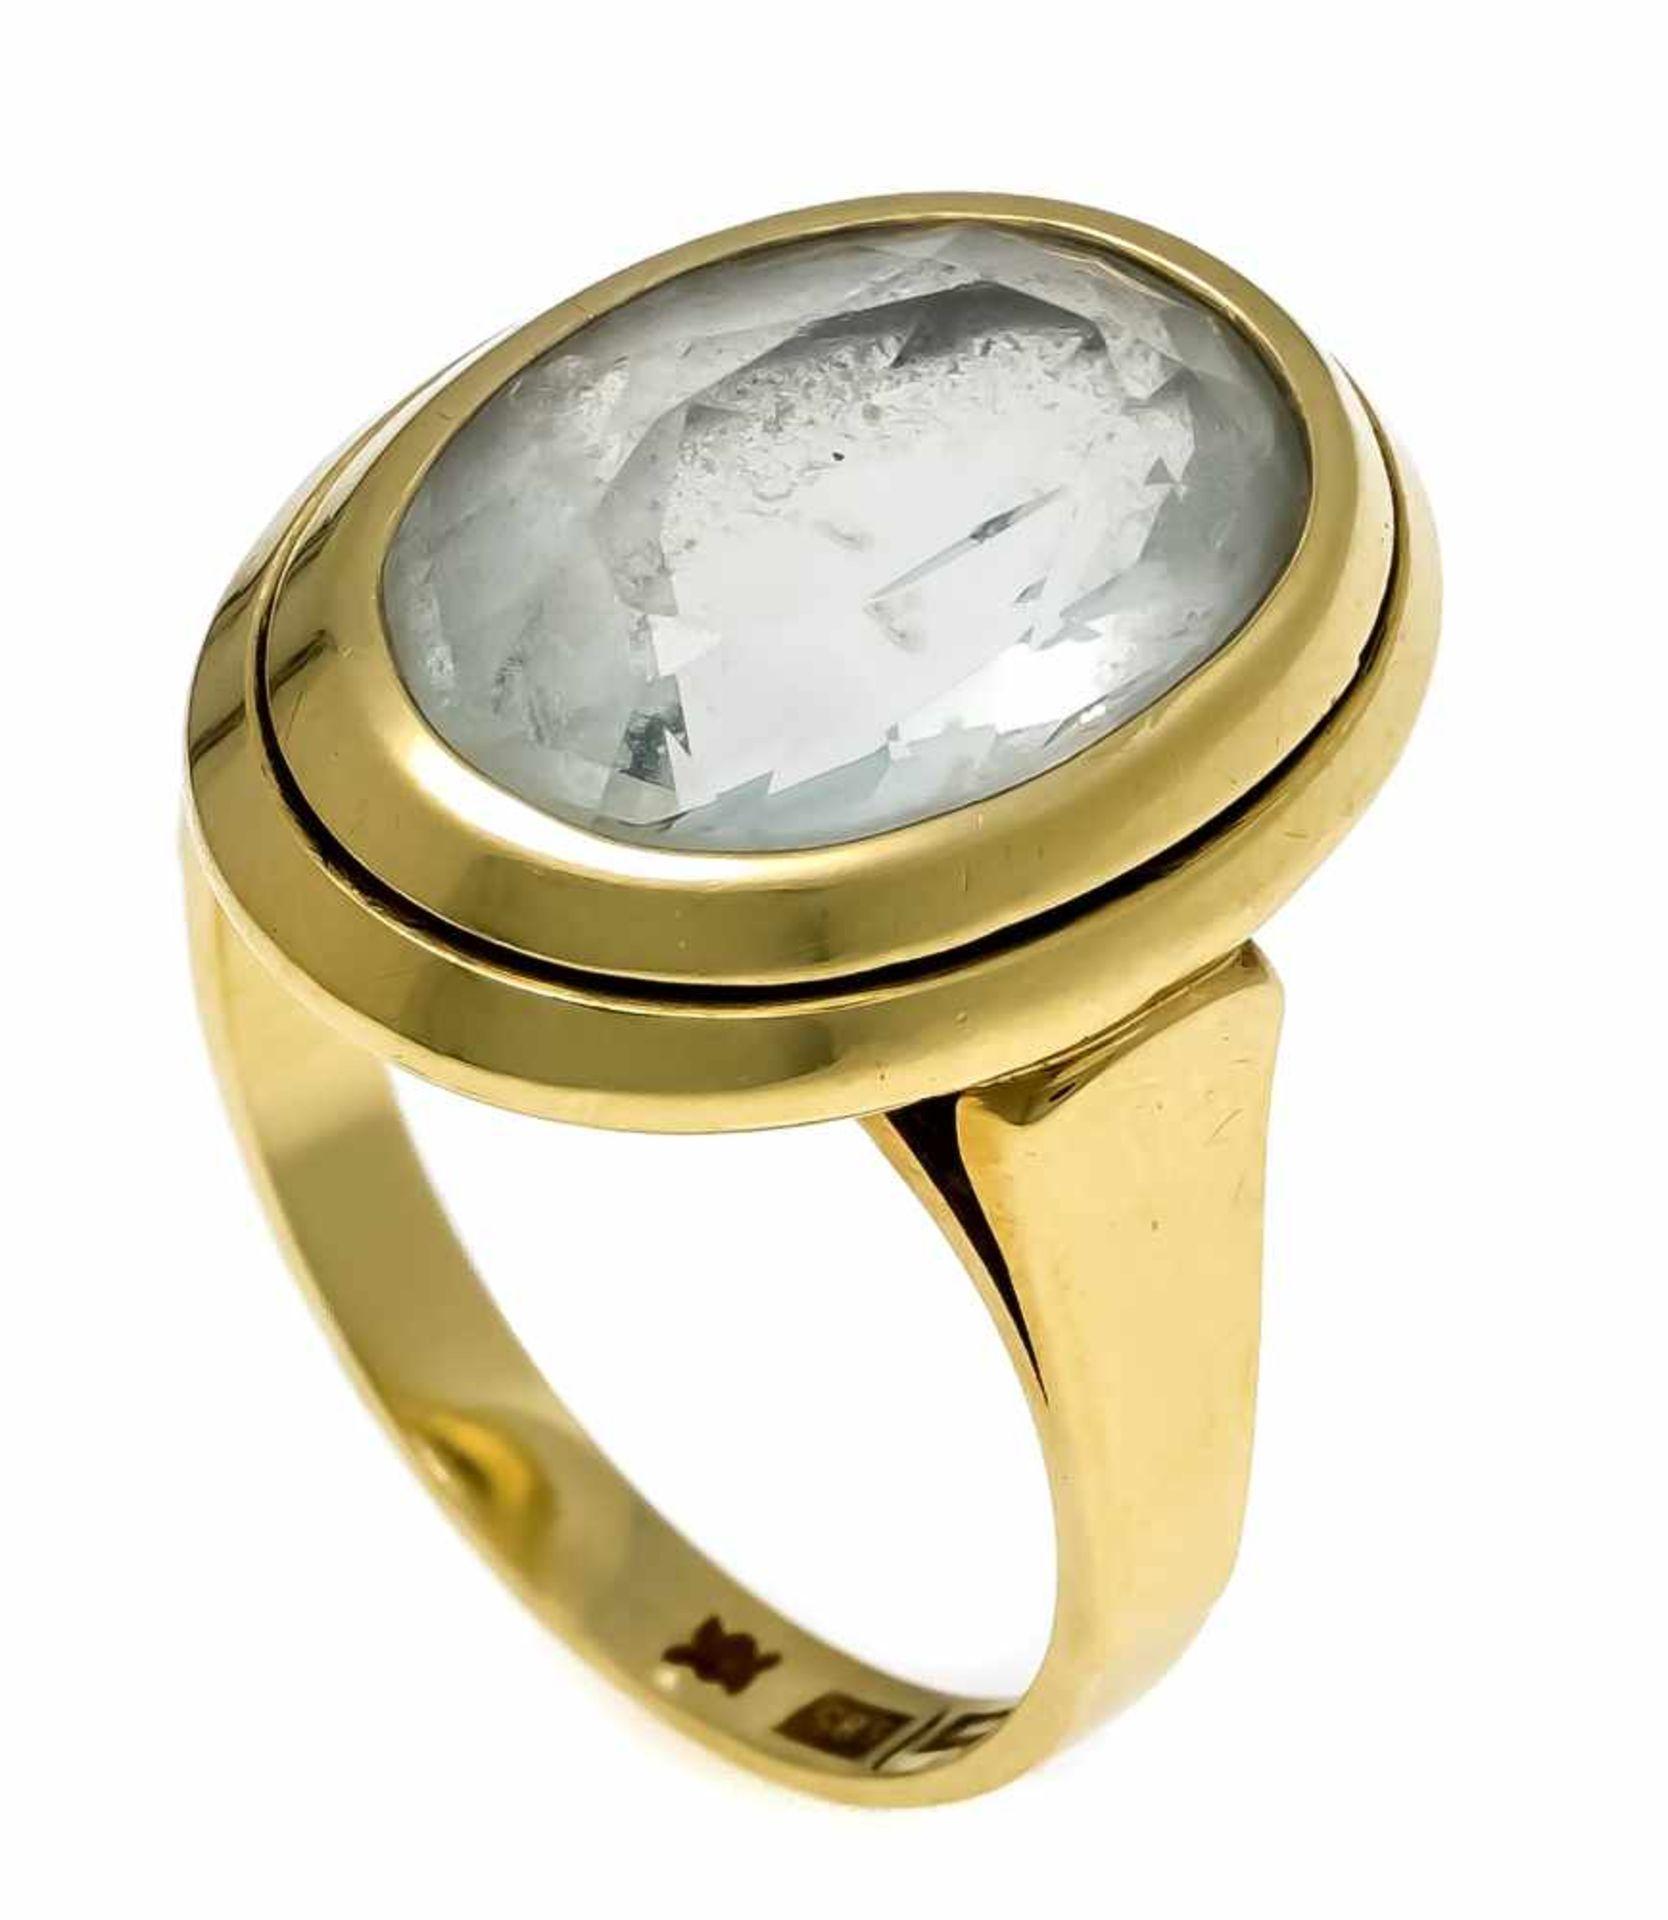 Aquamarin-Ring GG 585/000 mit einem oval fac. Aquamarin 15 x 10,8 mm, RG 53, 5,4 gAquamarine ring GG